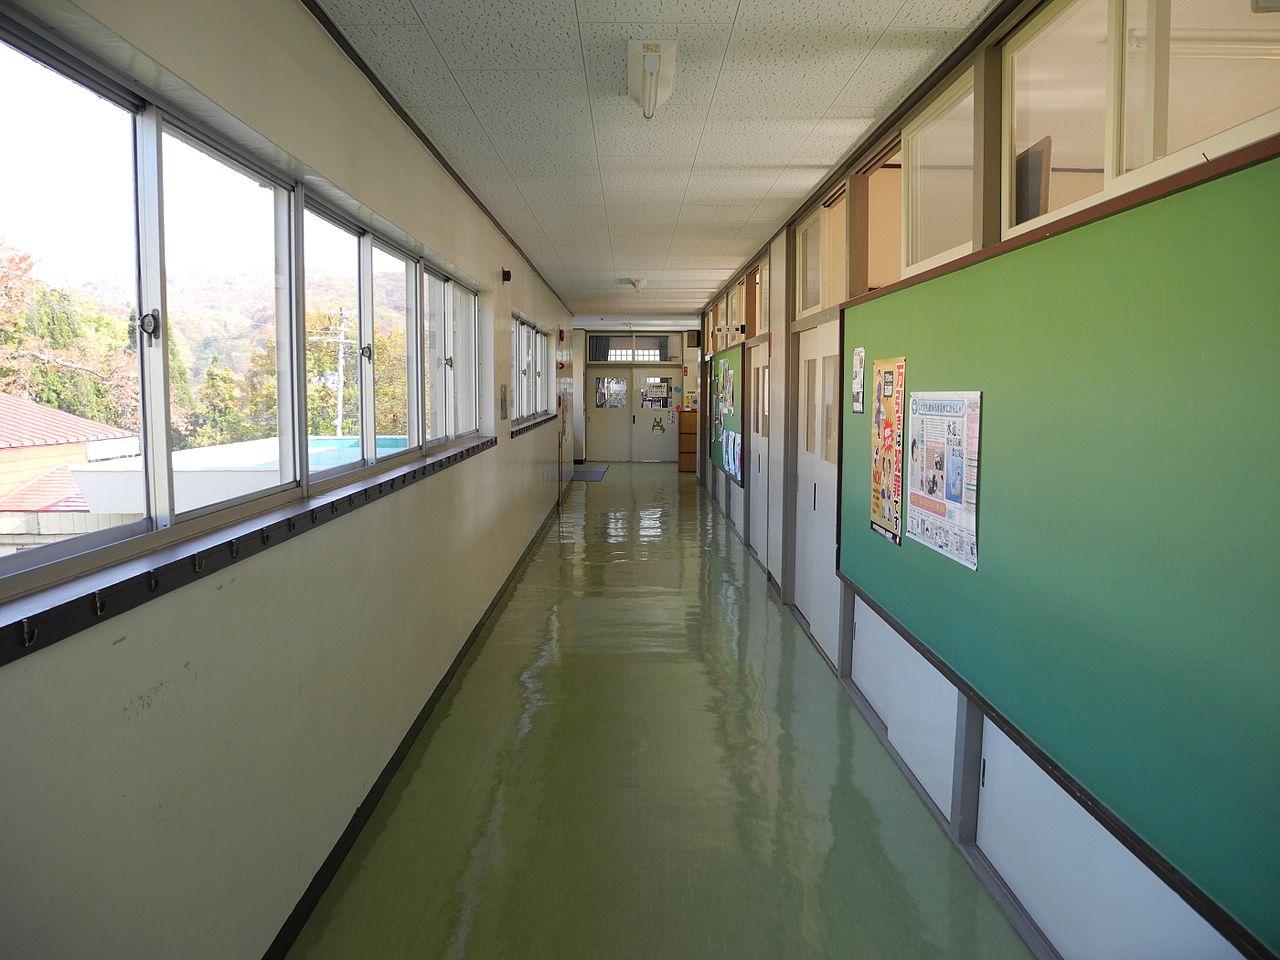 File:Jinego Elementary School 2F hallway 2.jpg - Wikimedia ...